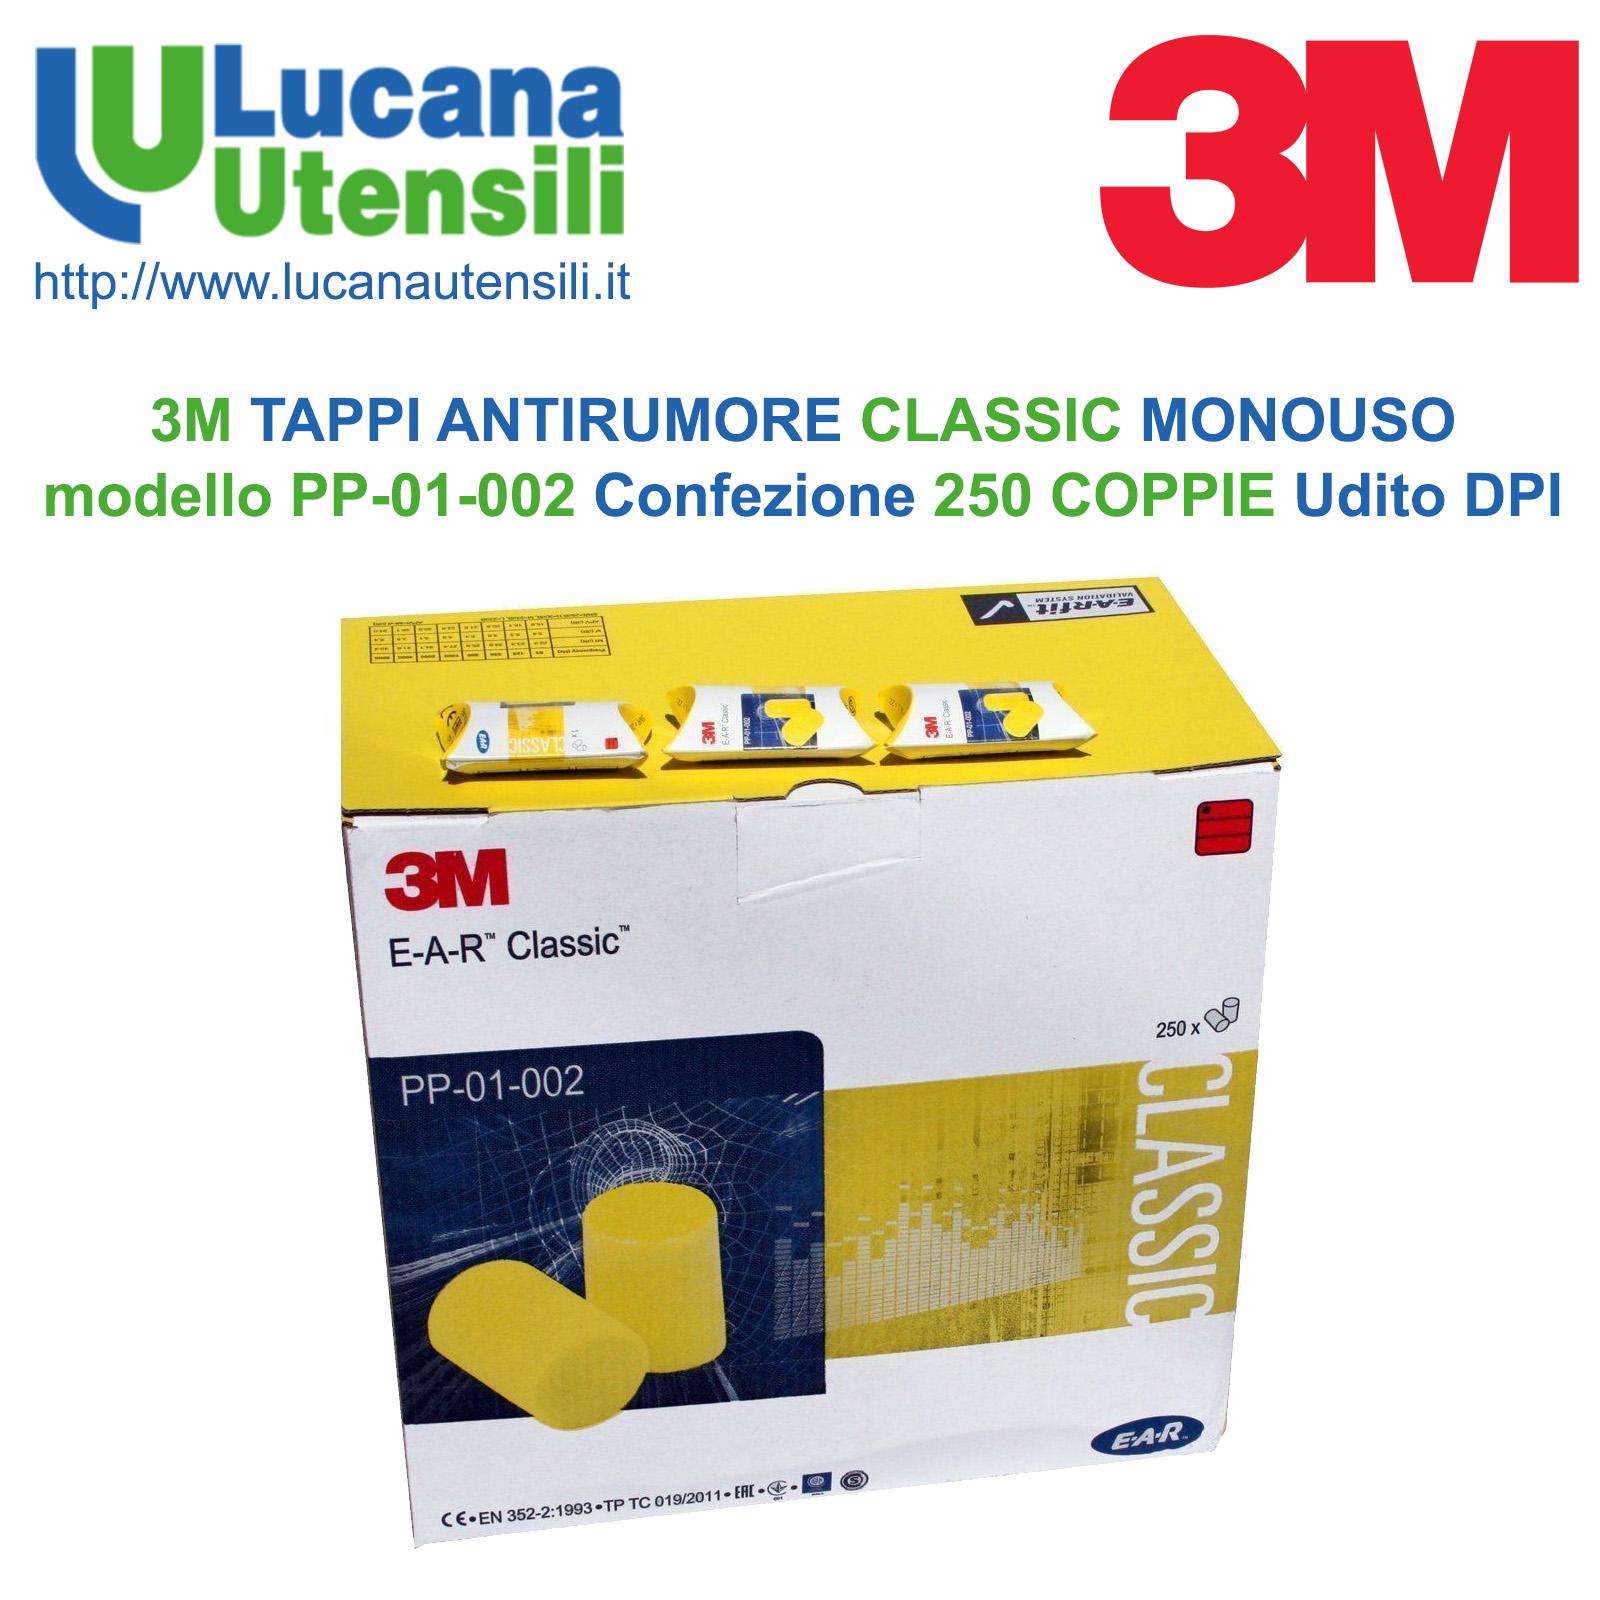 cerca il meglio grandi affari sulla moda acquista originale 3M TAPPI ANTIRUMORE CLASSIC MONOUSO modello PP-01-002 in CONFEZIONE da 250  COPPIE - Udito - DPI